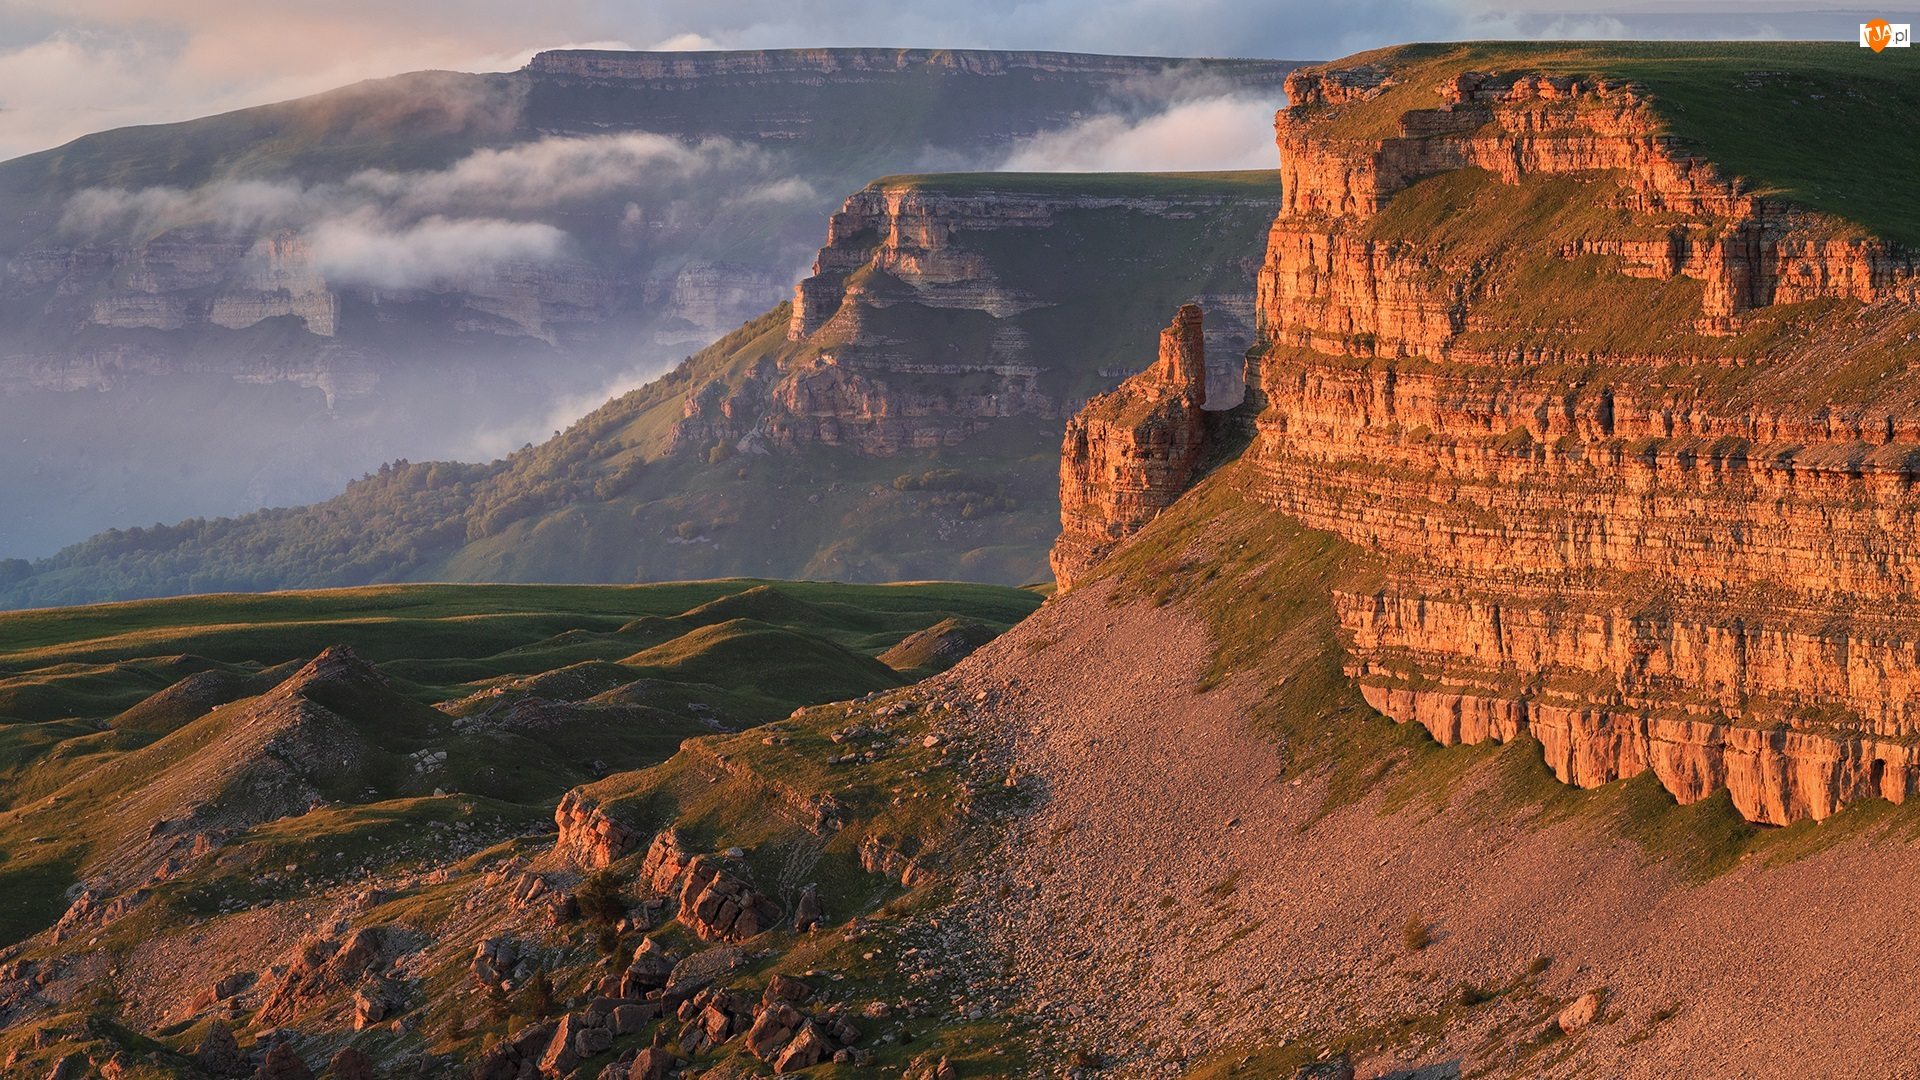 Góry, Pasmo Wielki Kaukaz, Rosja, Kaukaz, Republika Karaczajo-Czerkiesja, Urwiska, Płaskowyż Bermamyt